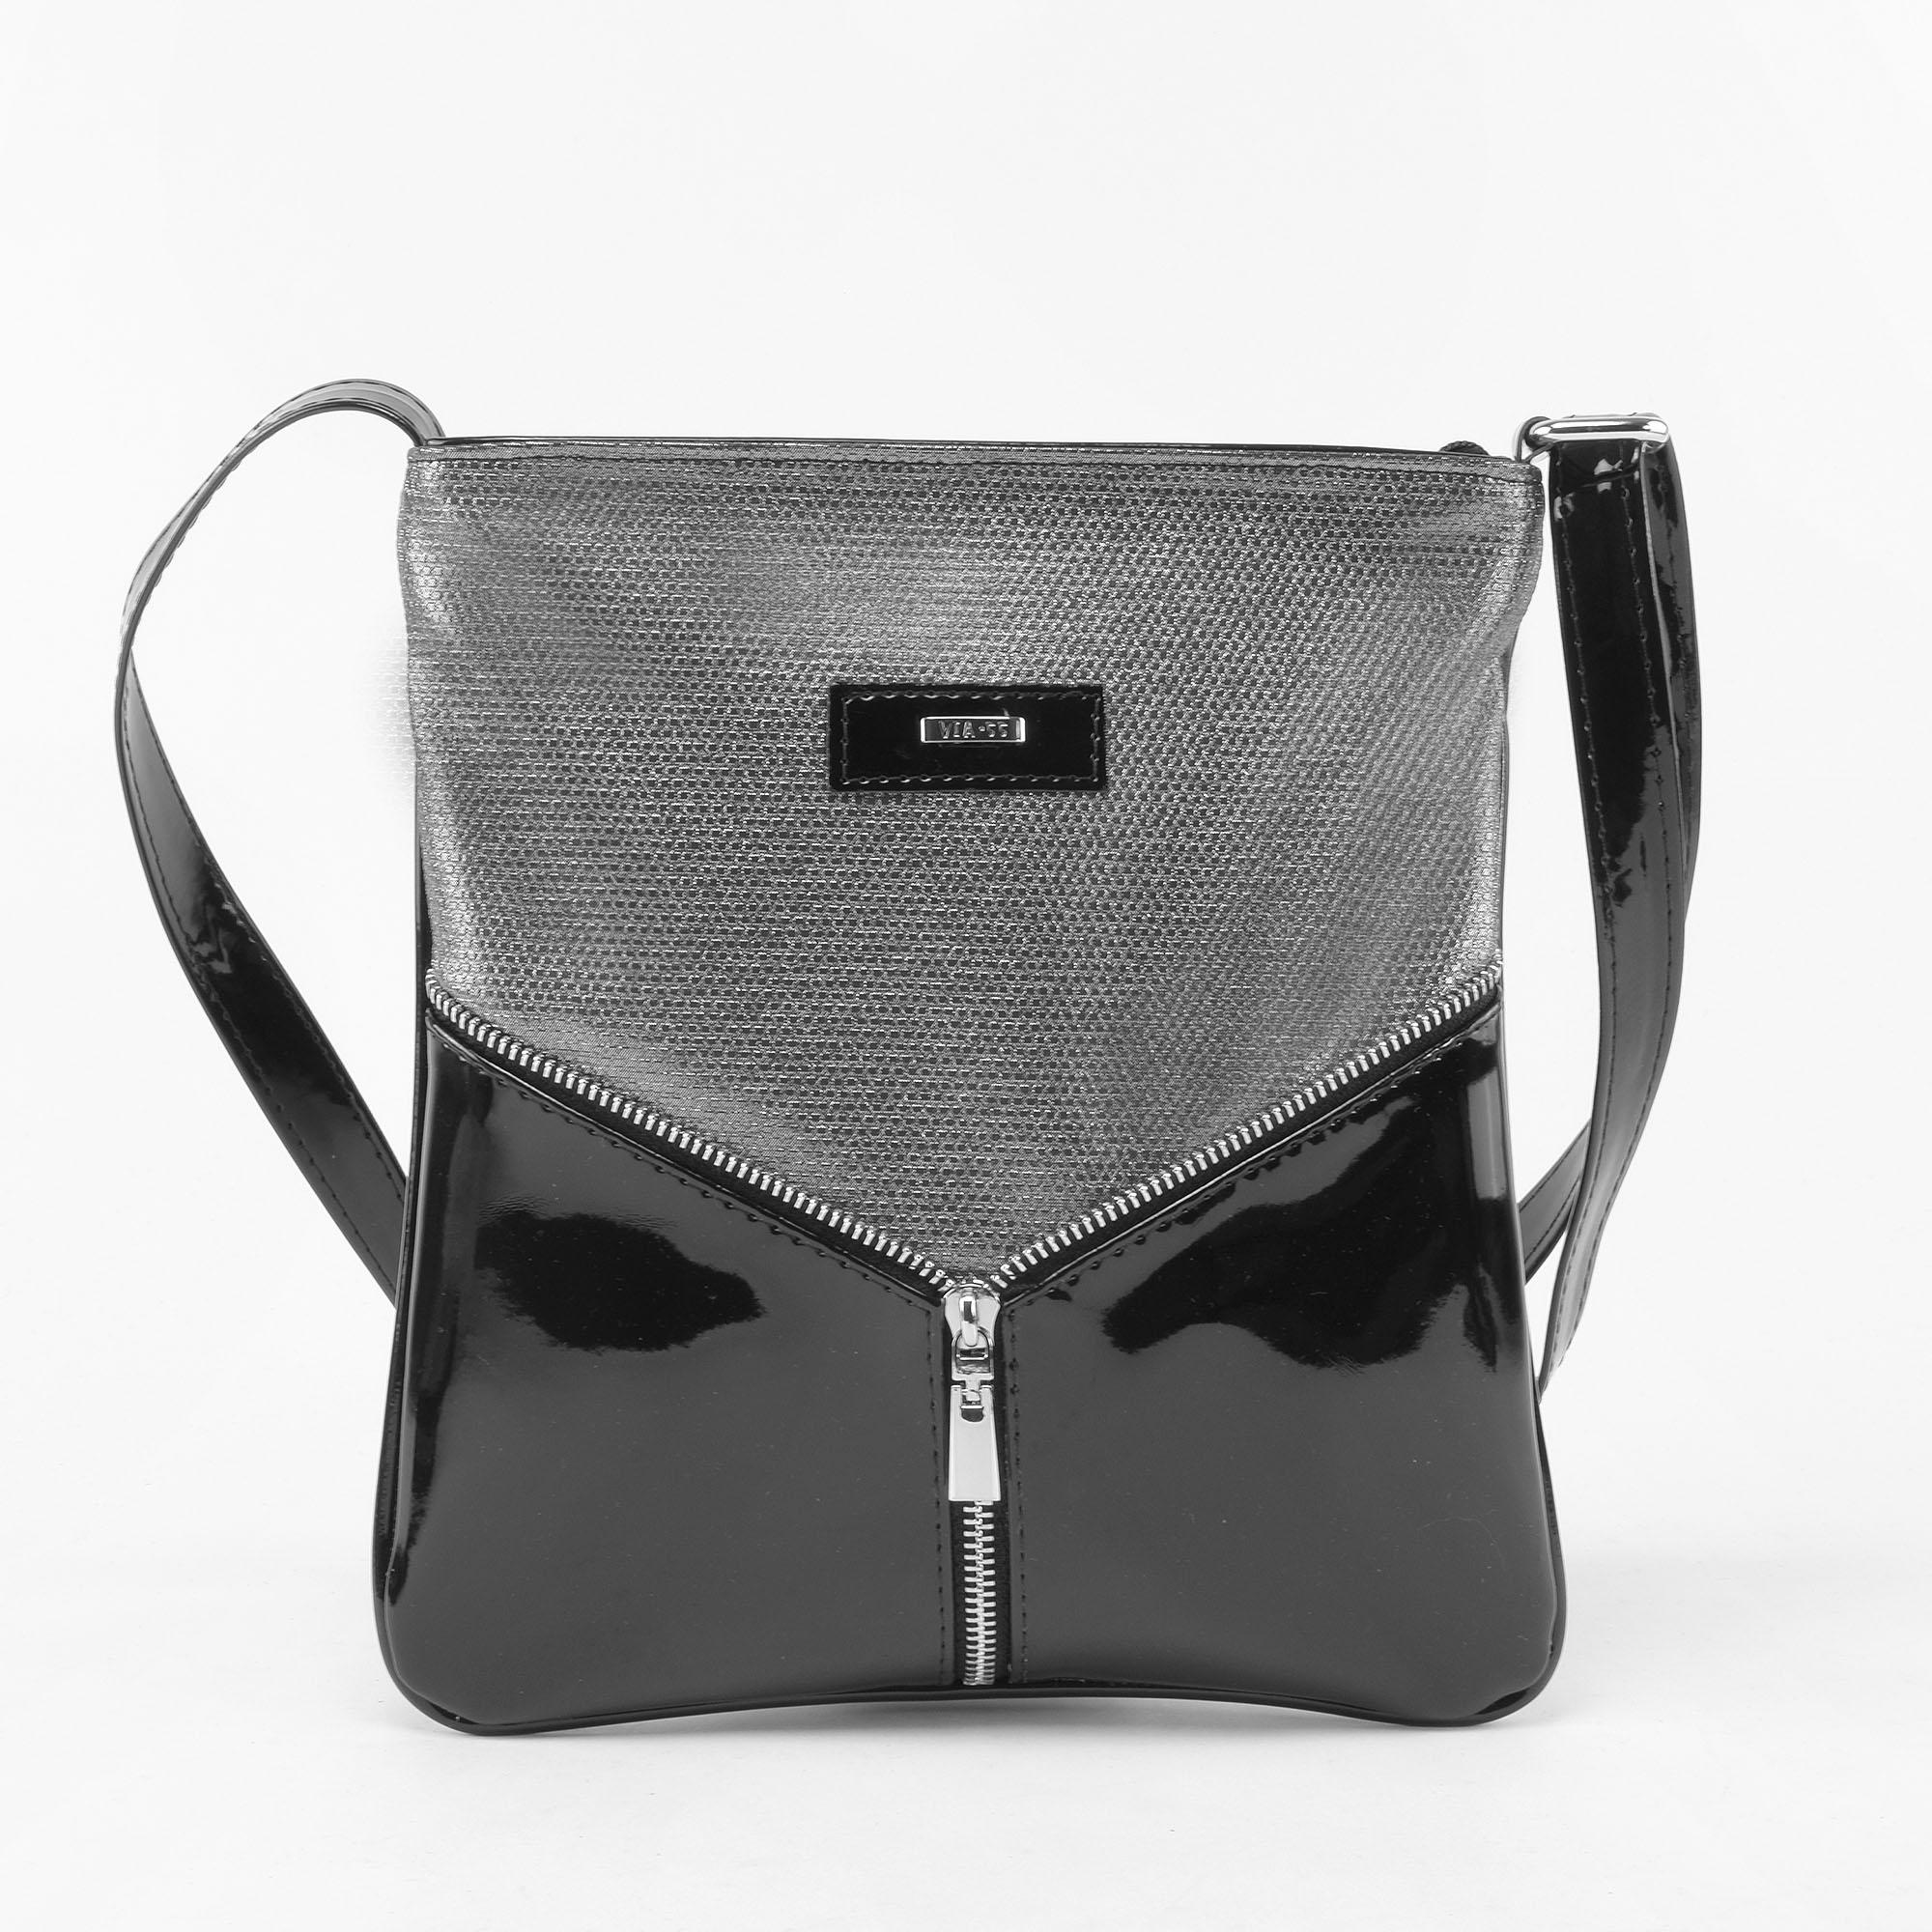 116e4182f7 VIA.55 Női Fekete Rostbőr Válltáska - Oldaltáskák - Táska webáruház -  Minőségi táskák mindenkinek